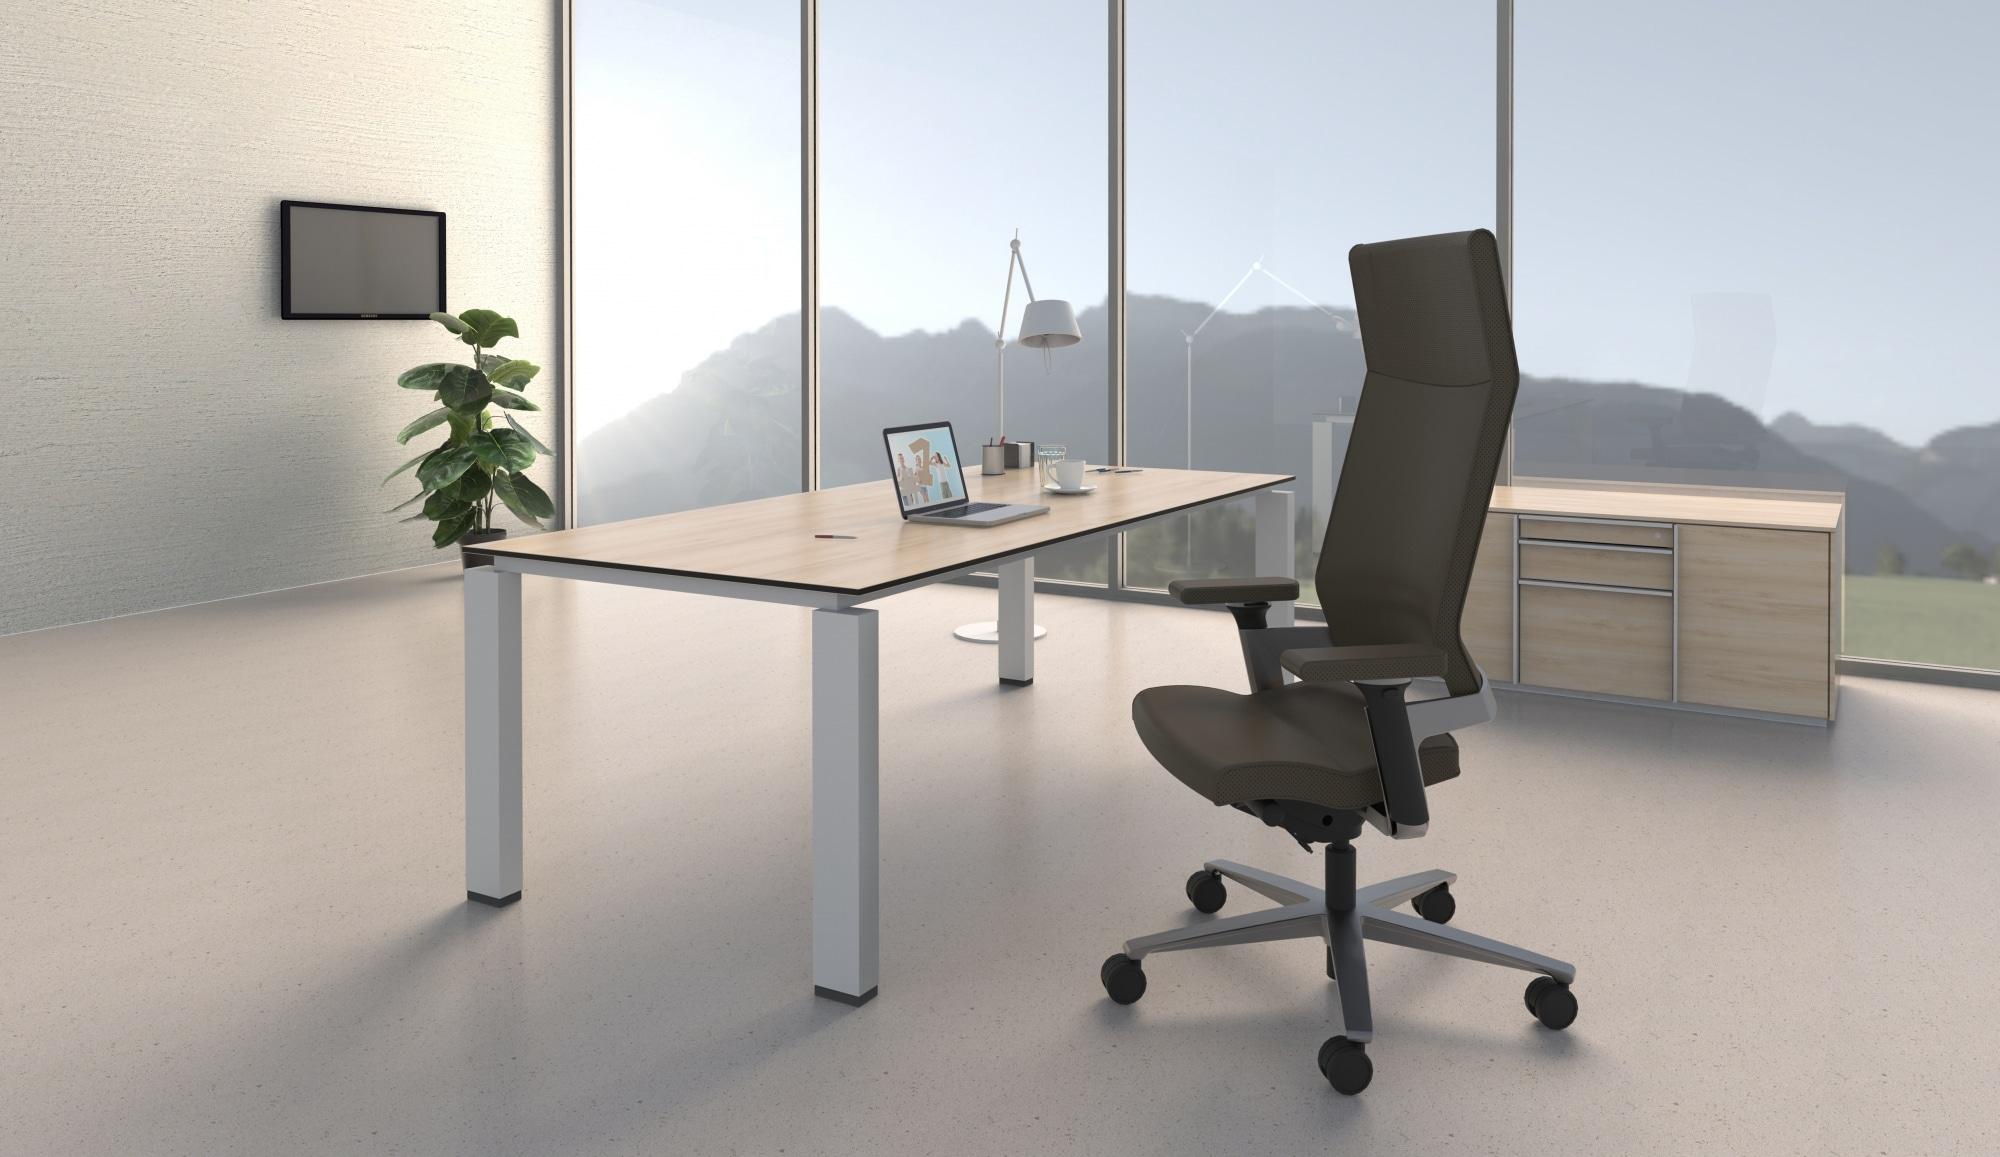 hali Büromöbel, s800, Rechtecktisch, system 800, Bürorabeitstisch, hochwertig, Qualität, Chefschreibtisch, Führungsposition, Schreibtisch, Design